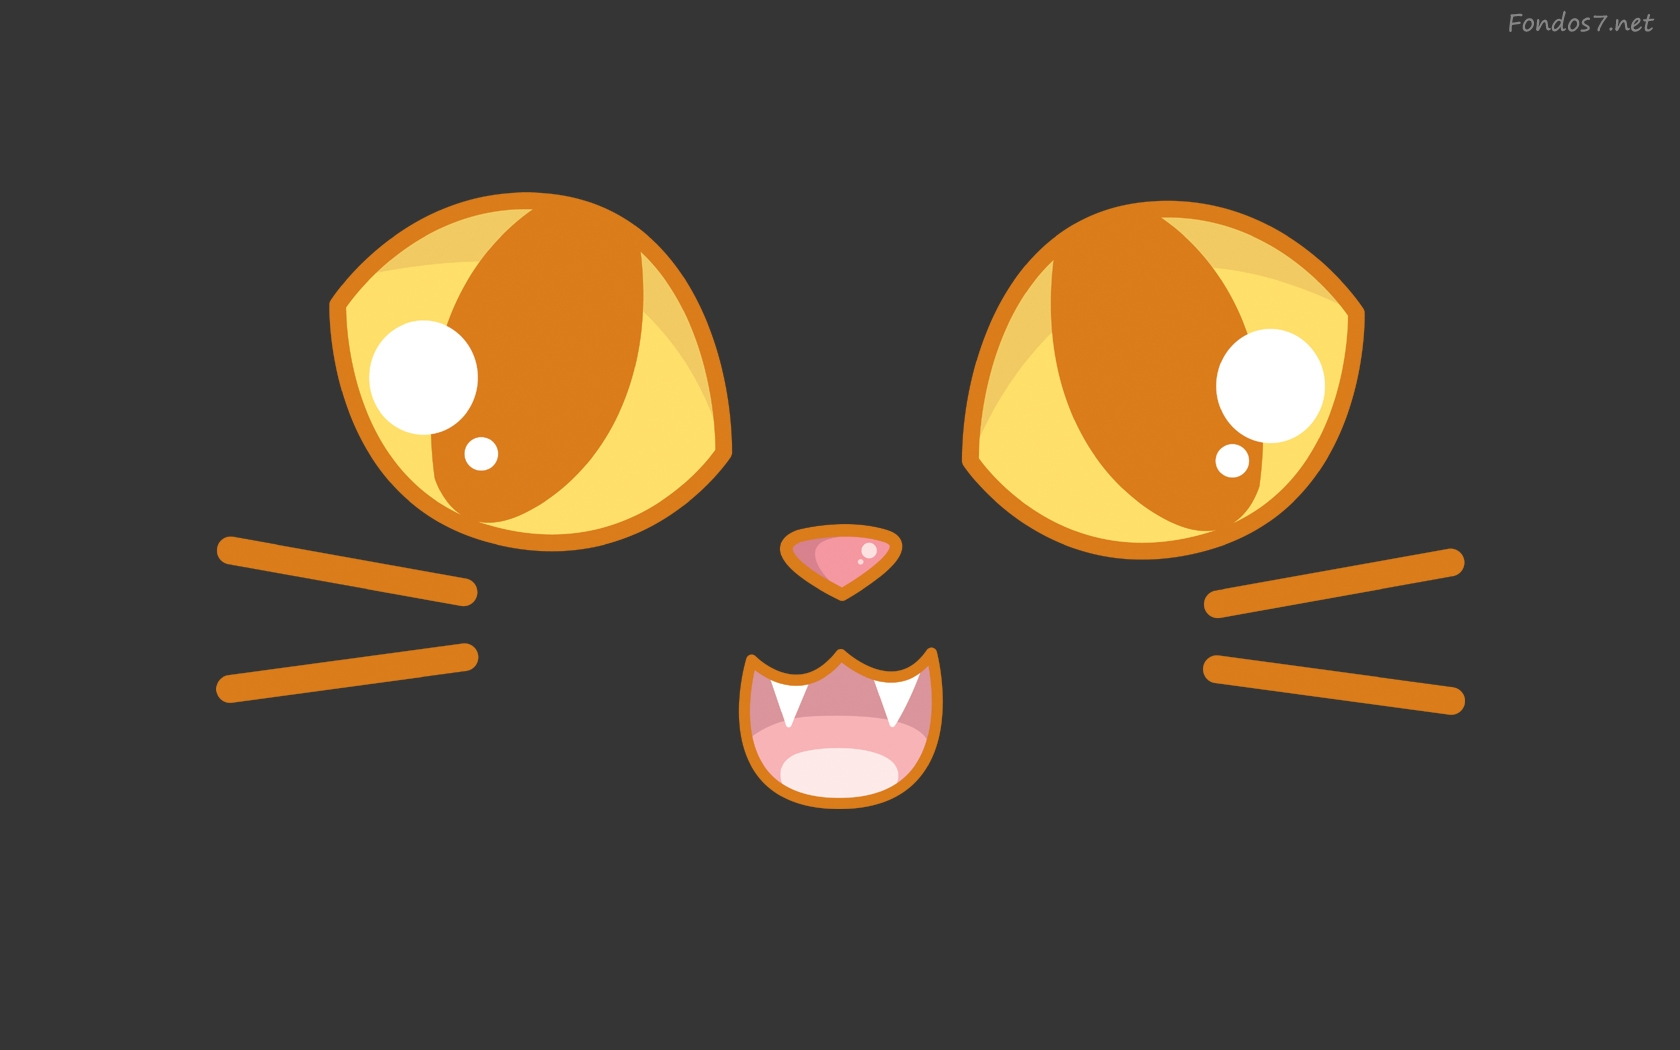 Descargar Fondos de pantalla cara de gato hd widescreen Gratis 1680x1050